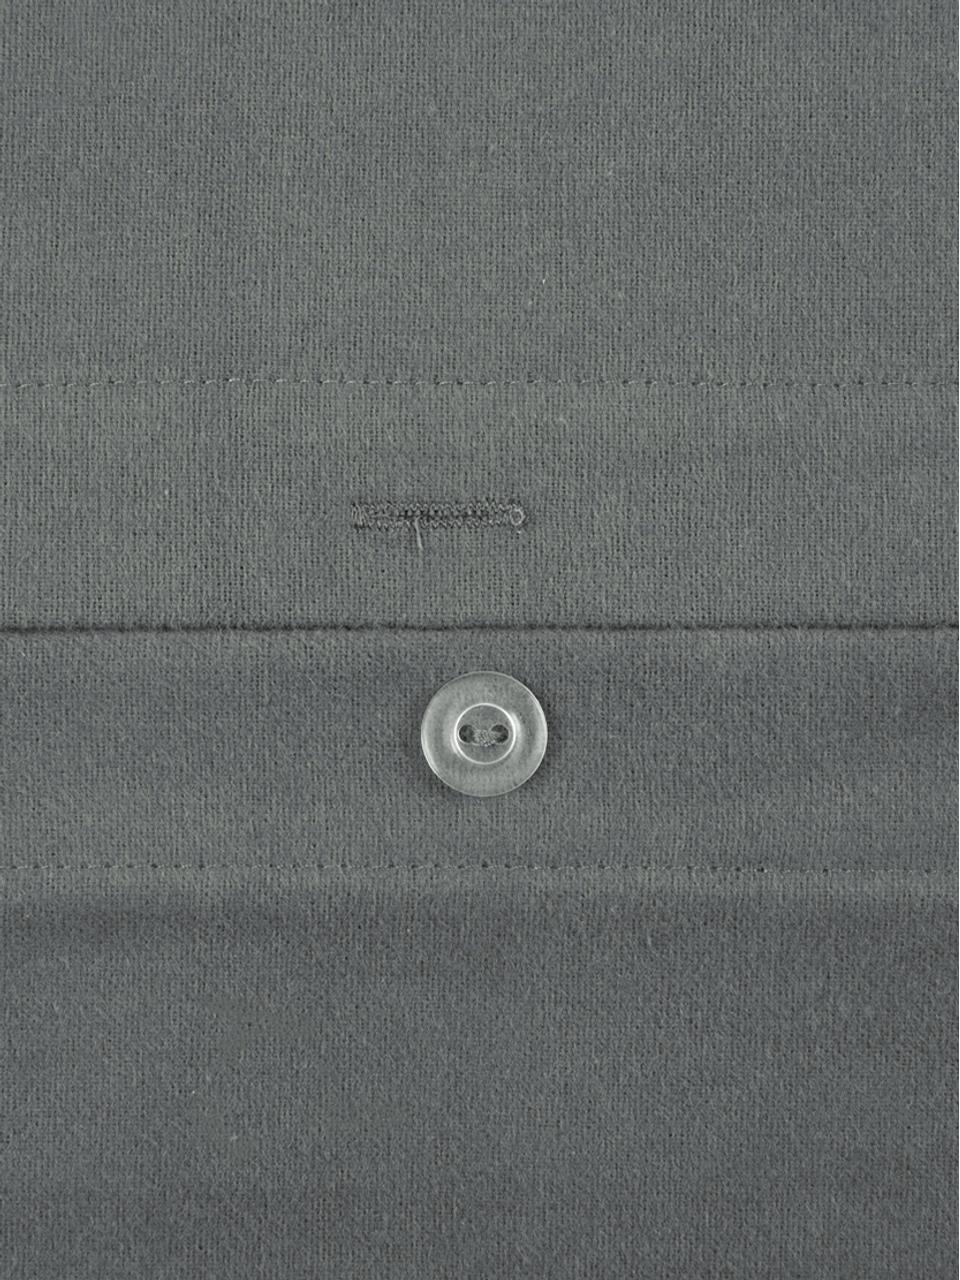 Flanell-Bettwäsche Biba in Dunkelgrau, Webart: Flanell Flanell ist ein k, Dunkelgrau, 135 x 200 cm + 1 Kissen 80 x 80 cm